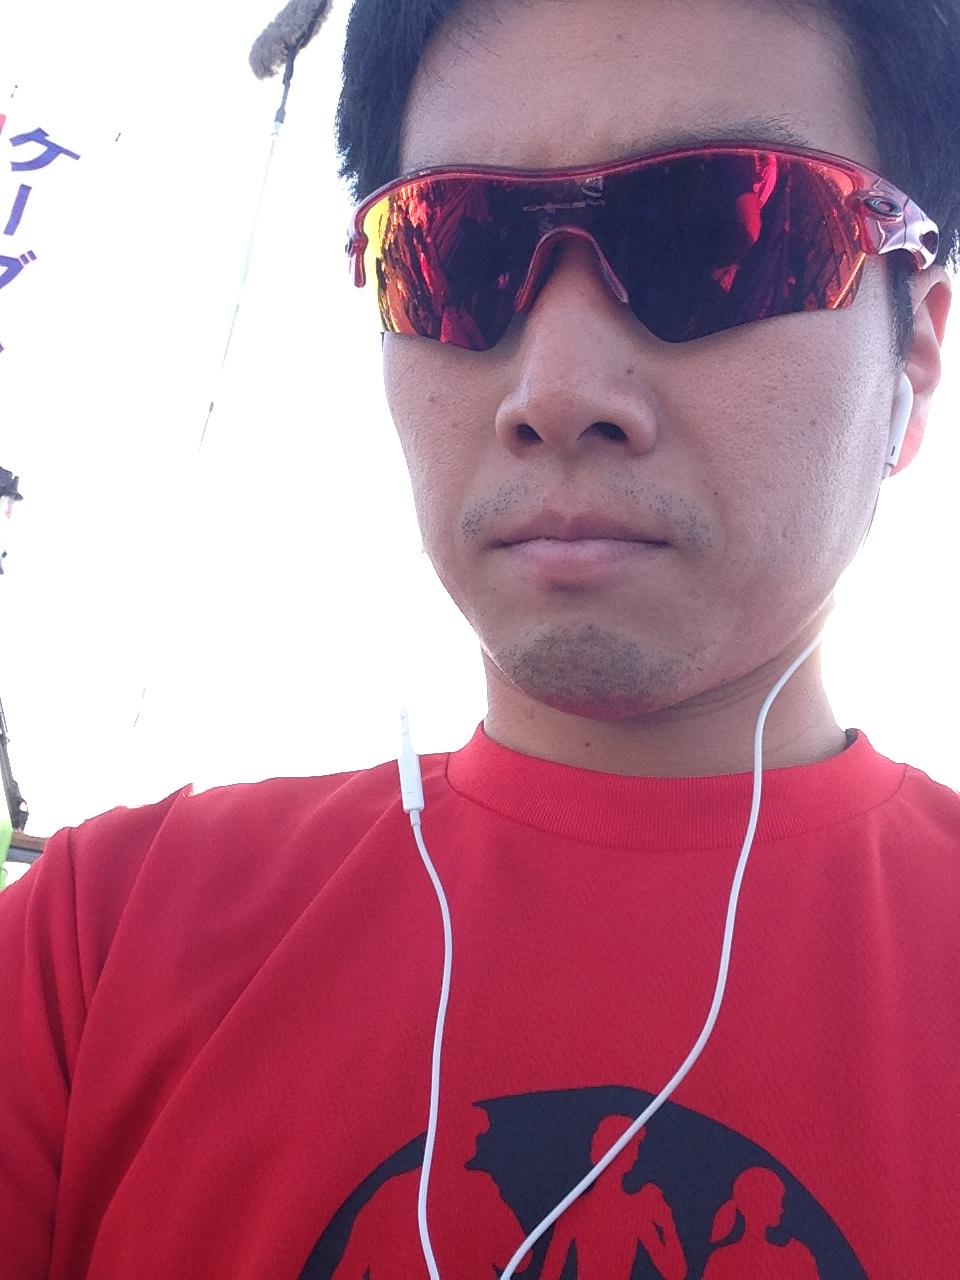 【第9回湘南国際マラソン】サブ3.5達成!僕はどう走ったのか?中編